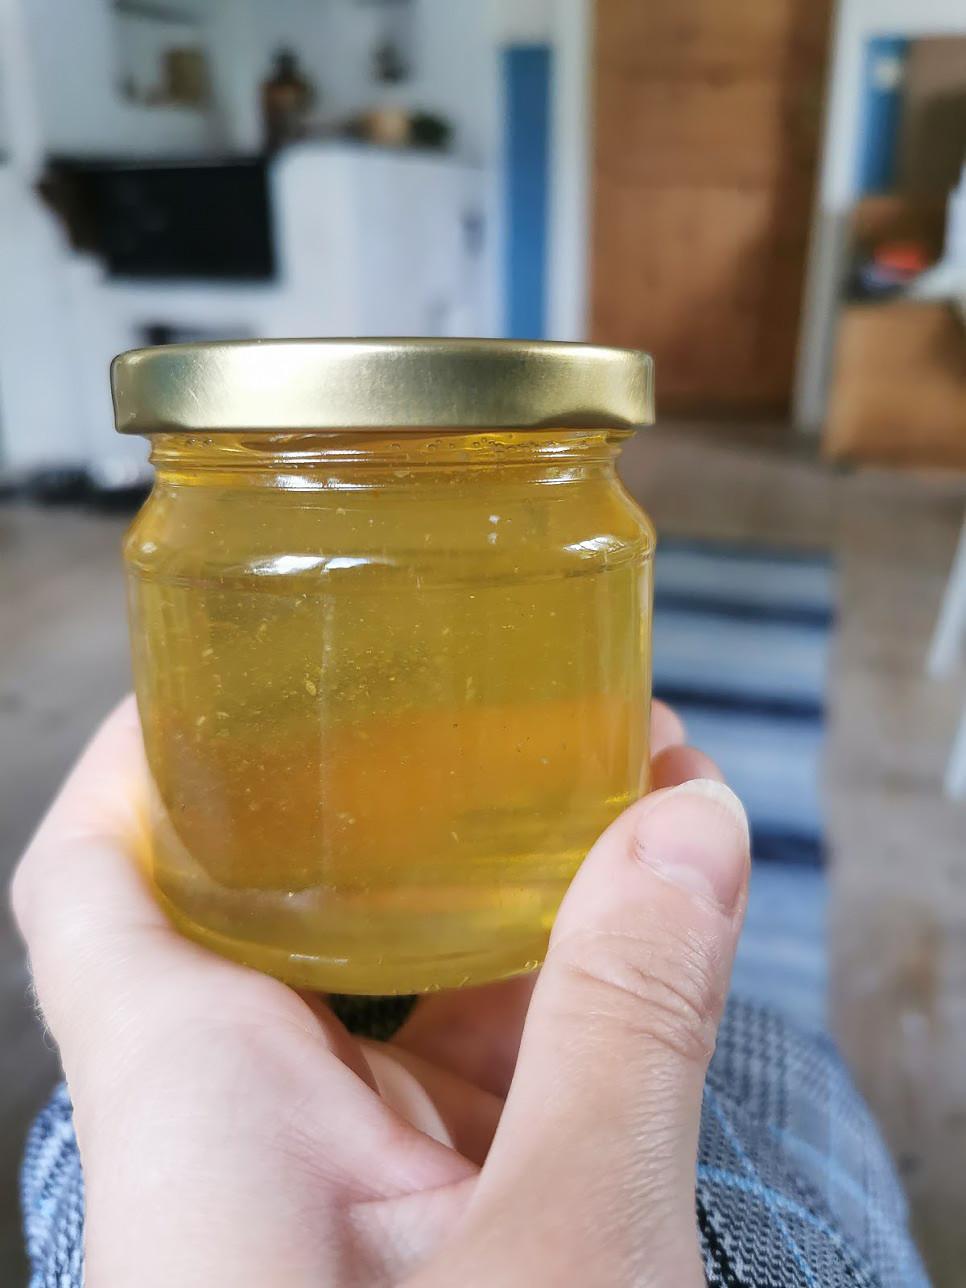 Ljus honung i en burk i Elins kök.